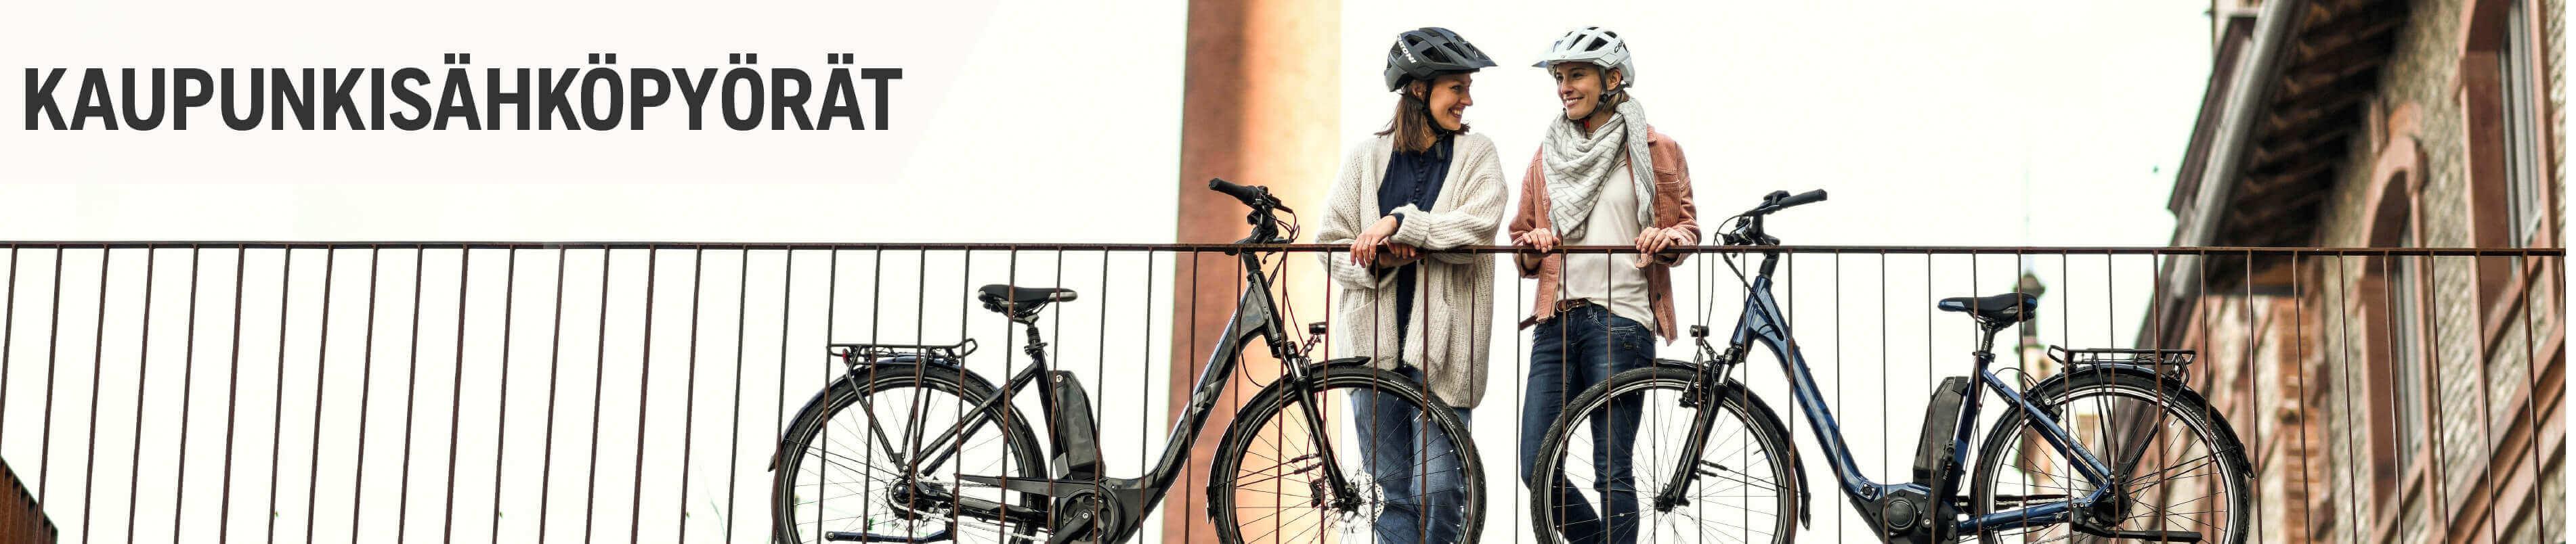 Sähköpyörä kaupunkikäyttöön